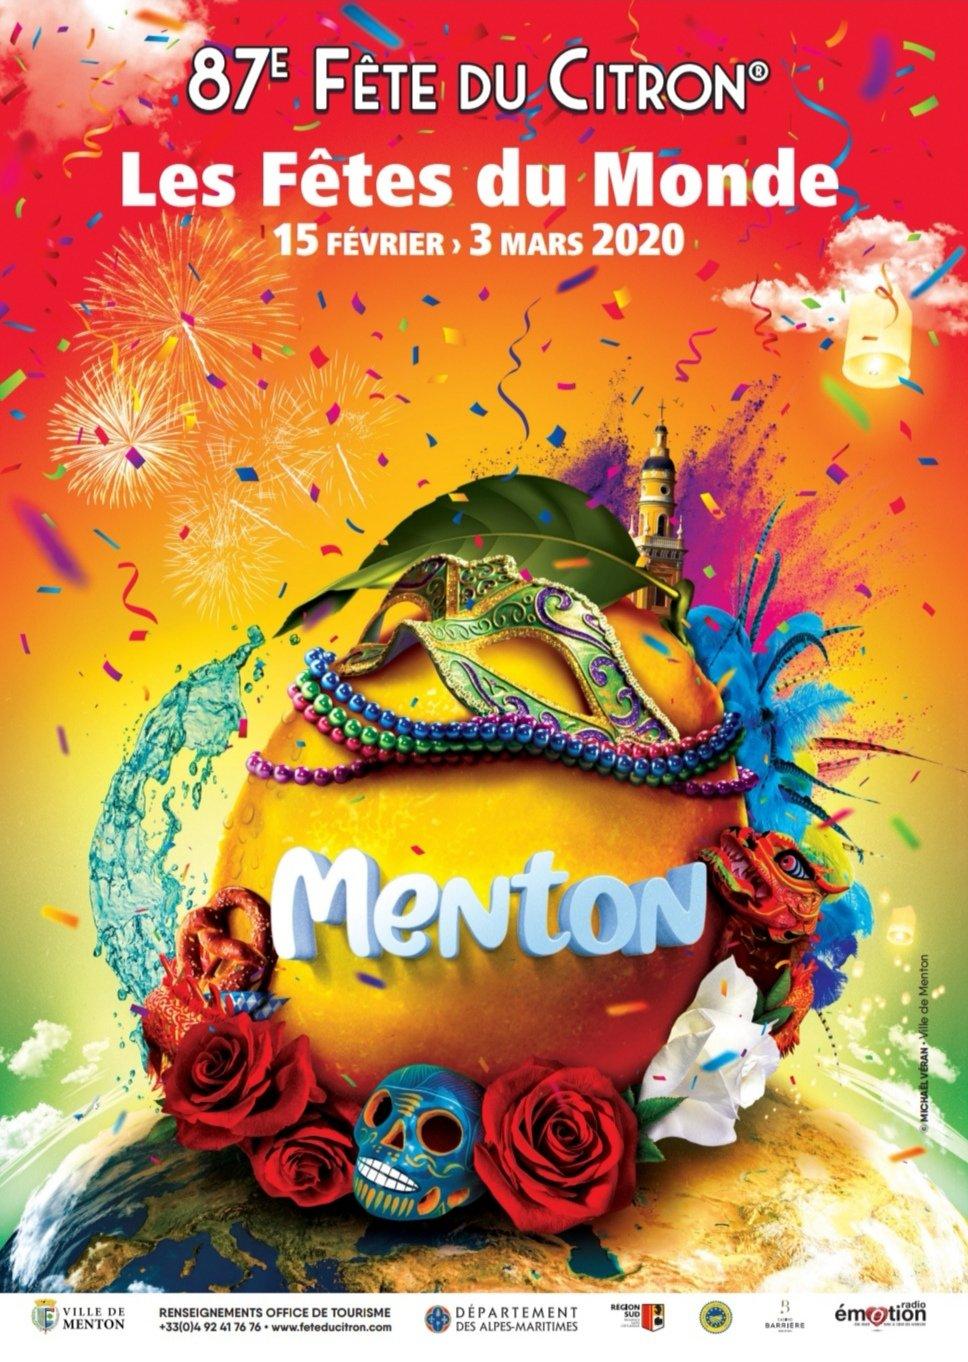 Affiche Fête du Citron 2020 - Credit Ville de Menton